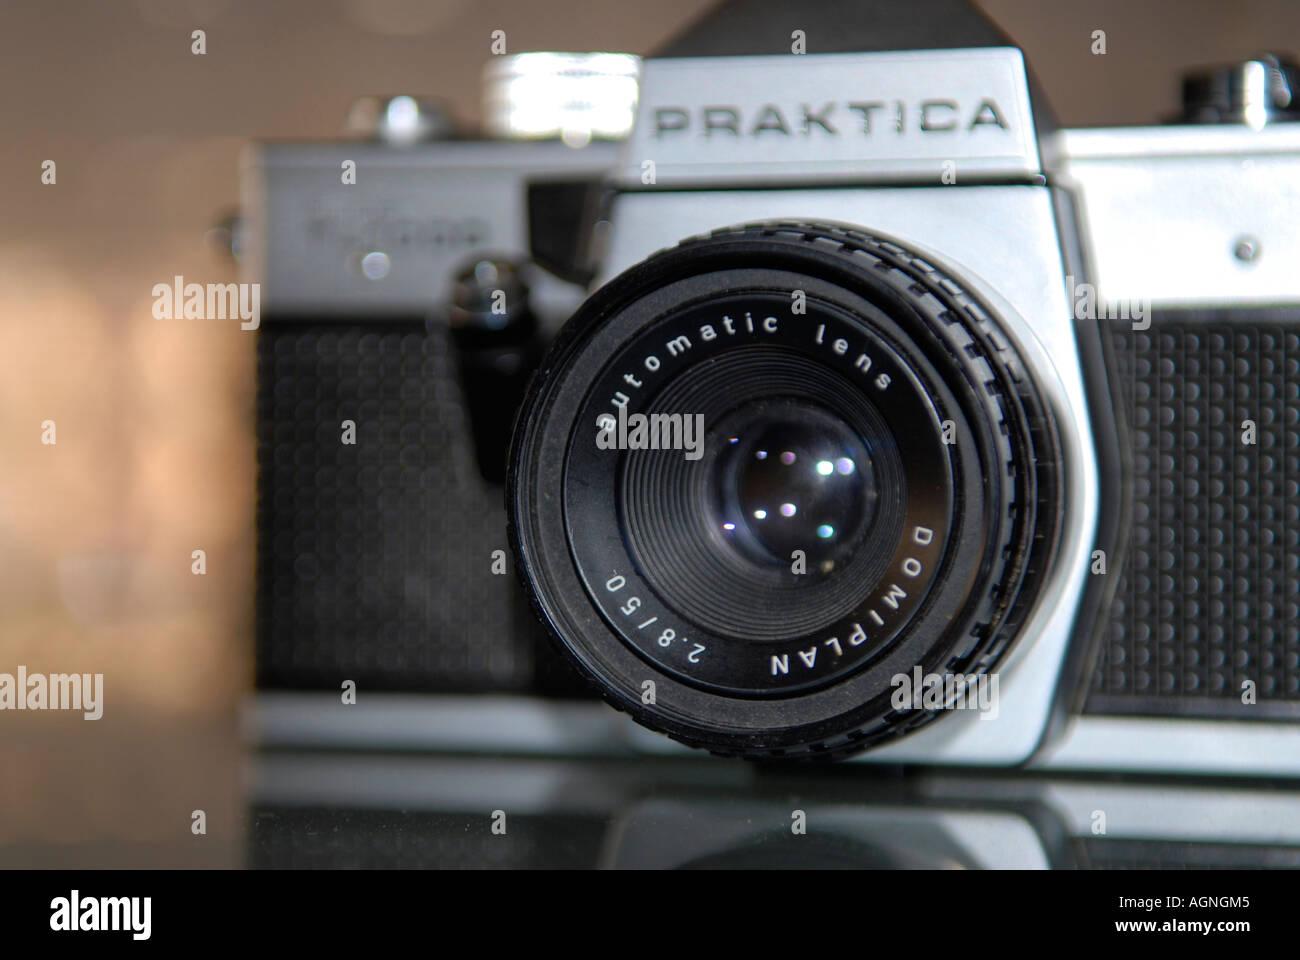 Praktica old camera Nano Calvo VWPics com - Stock Image